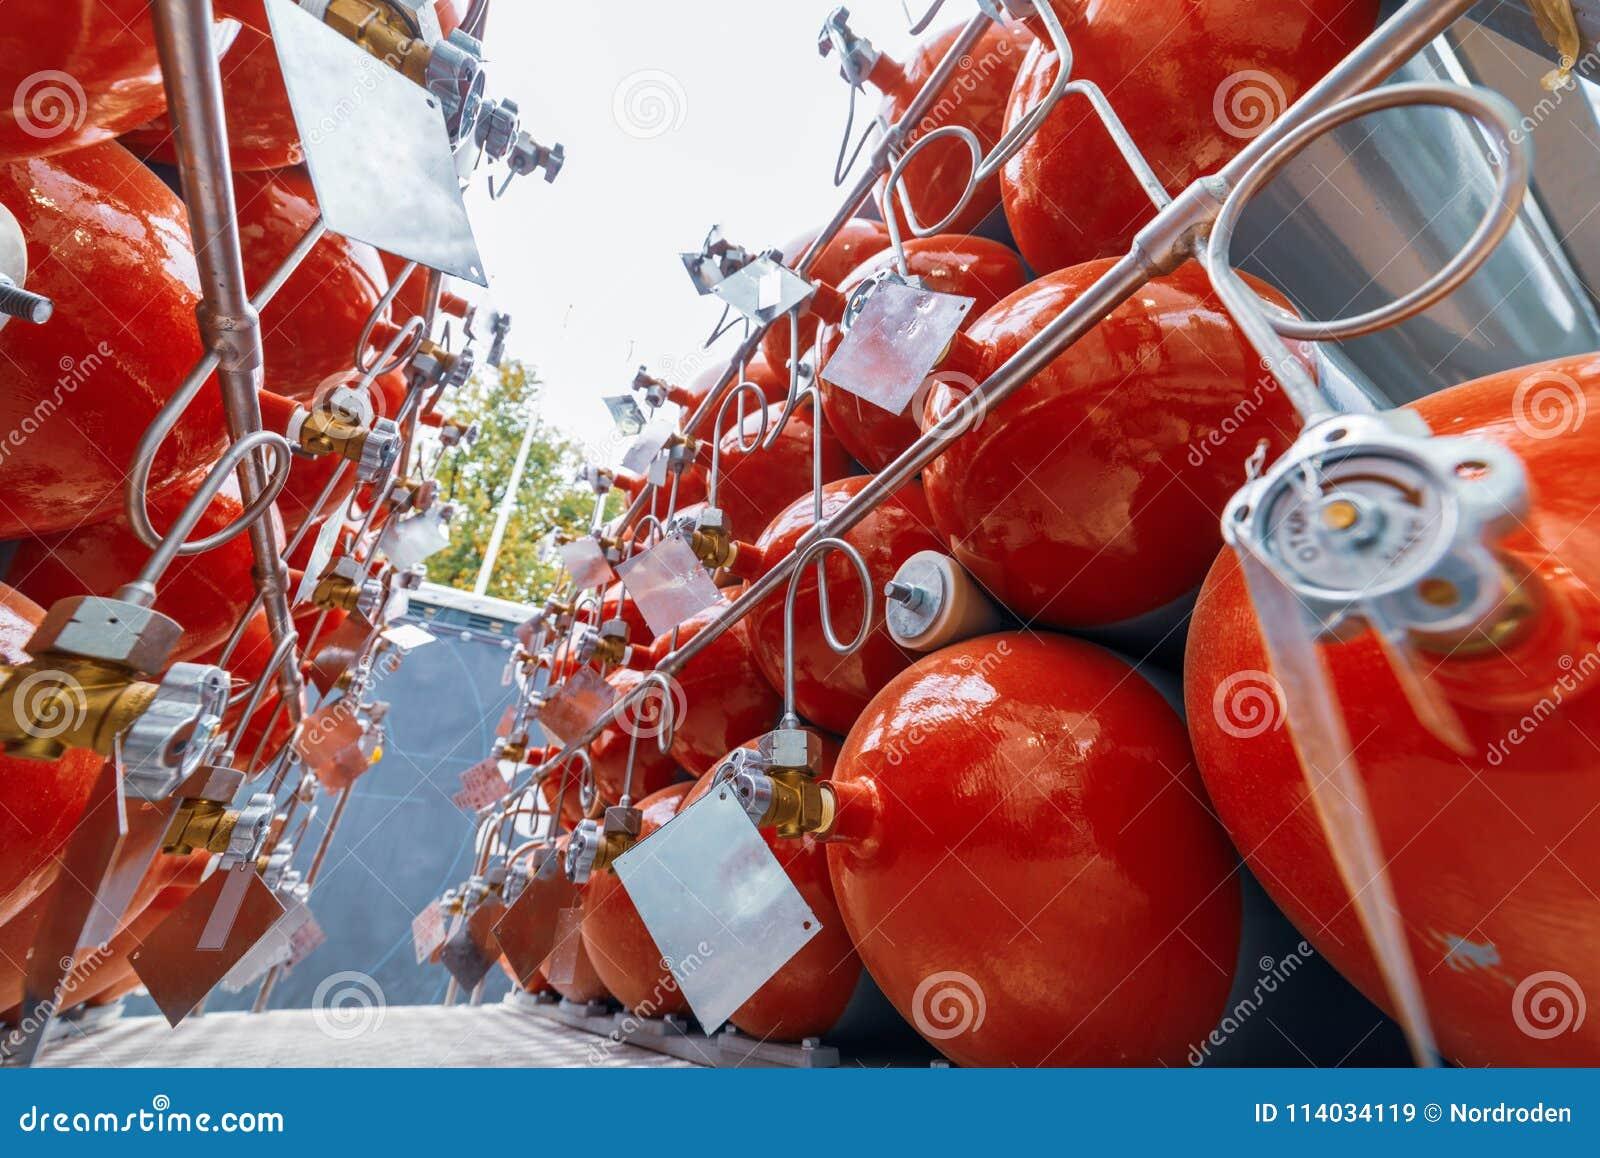 Cilinders voor samengeperst gas